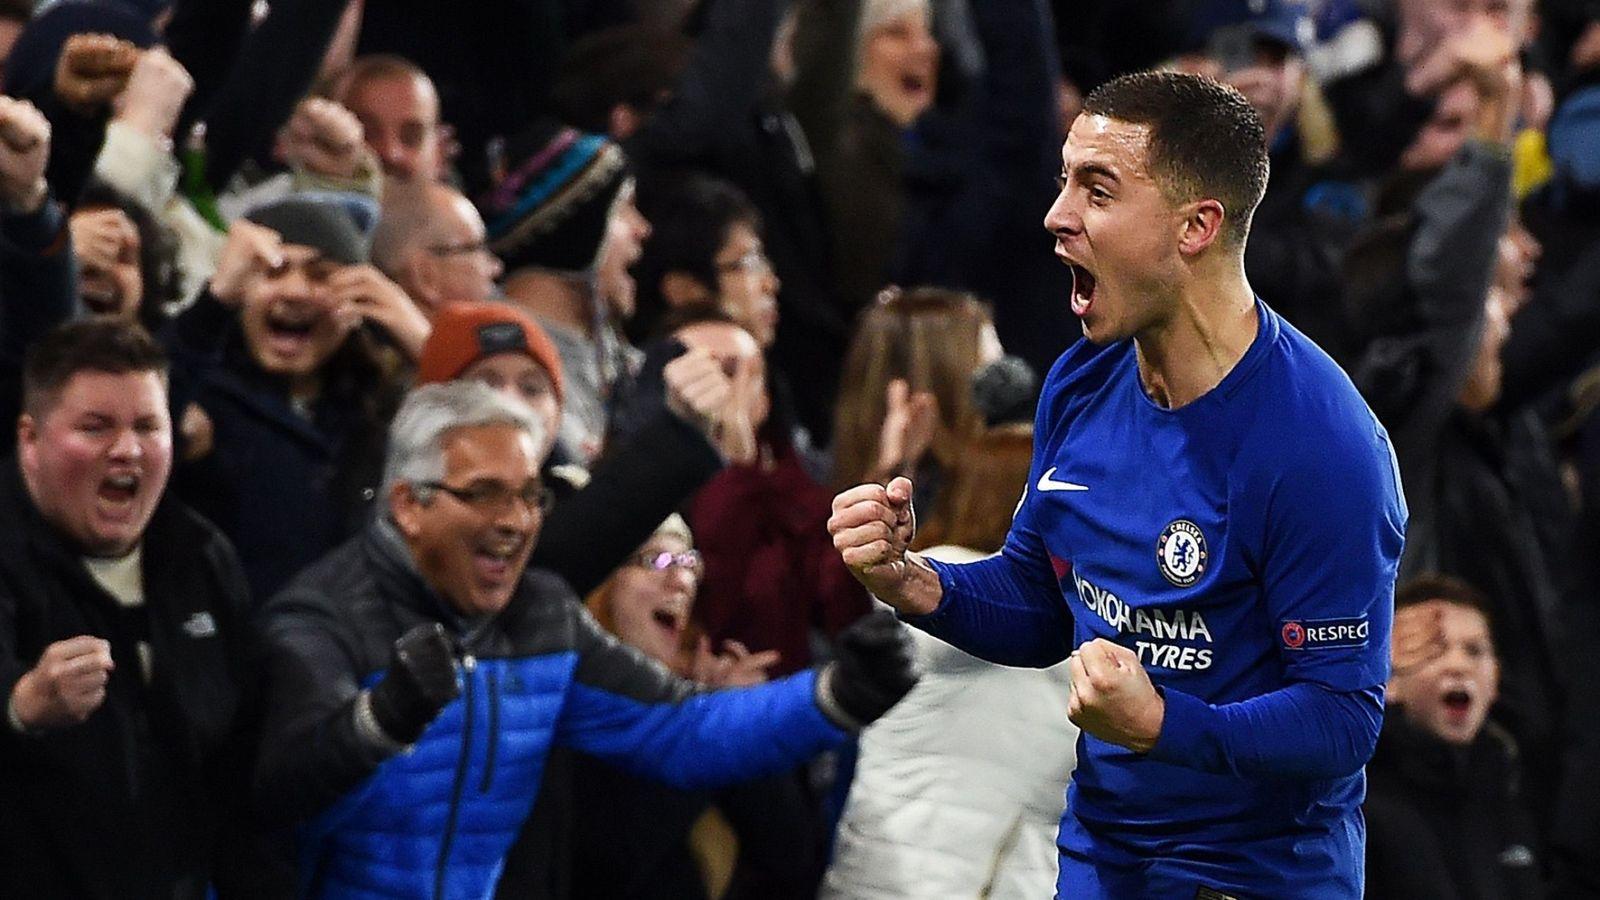 Foto: Hazard celebra un gol marcado esta temporada. (EFE)